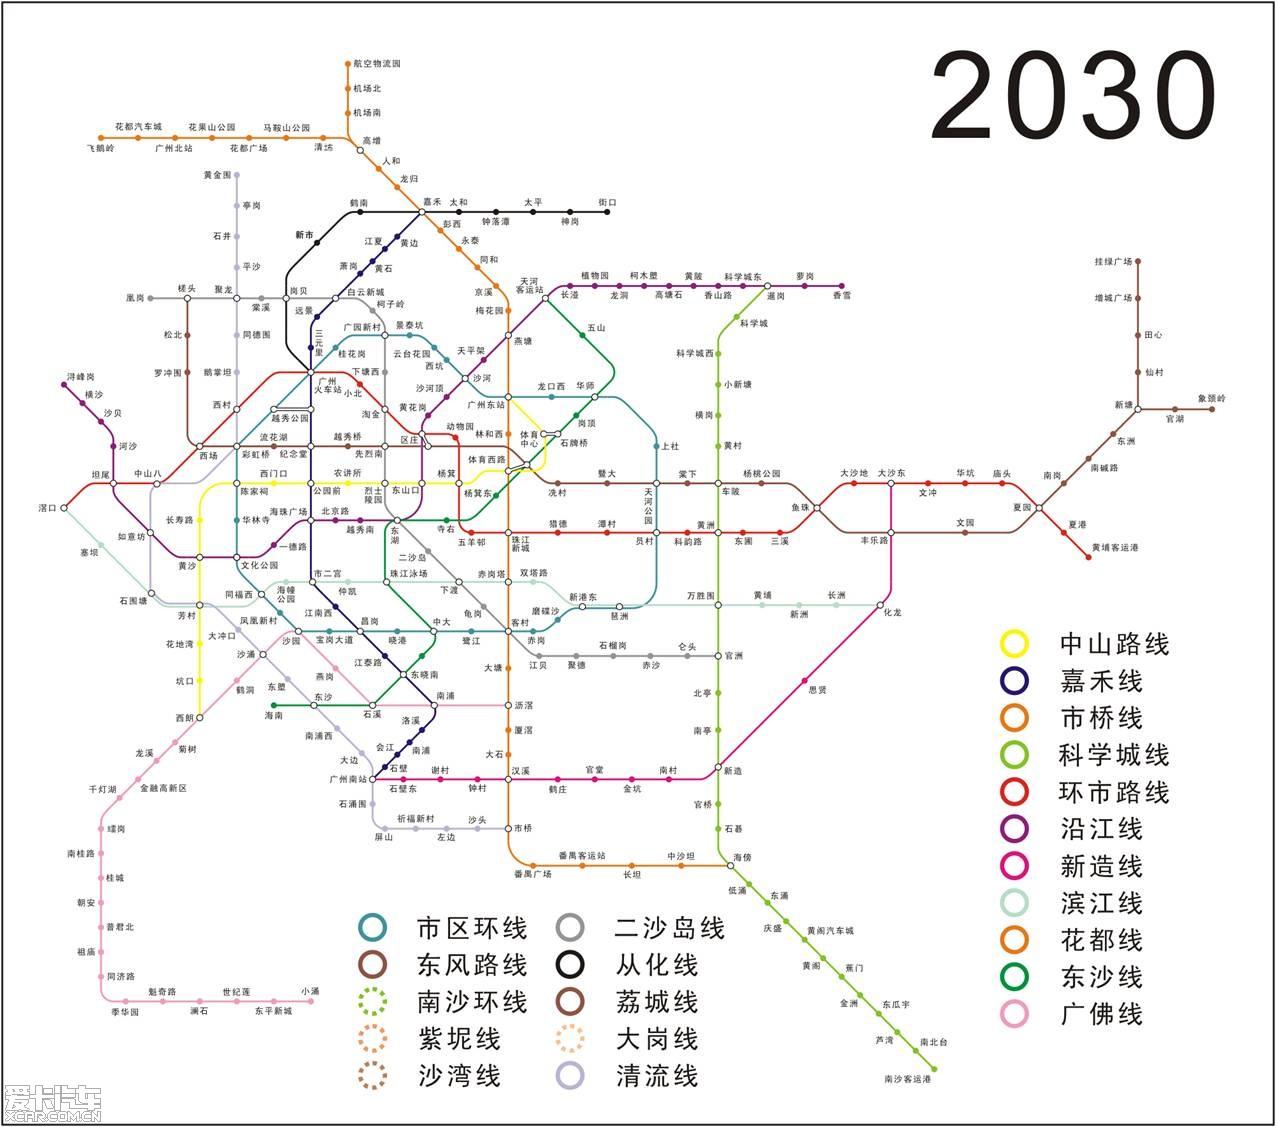 广州15号线地铁线路图-LANM的相片图片